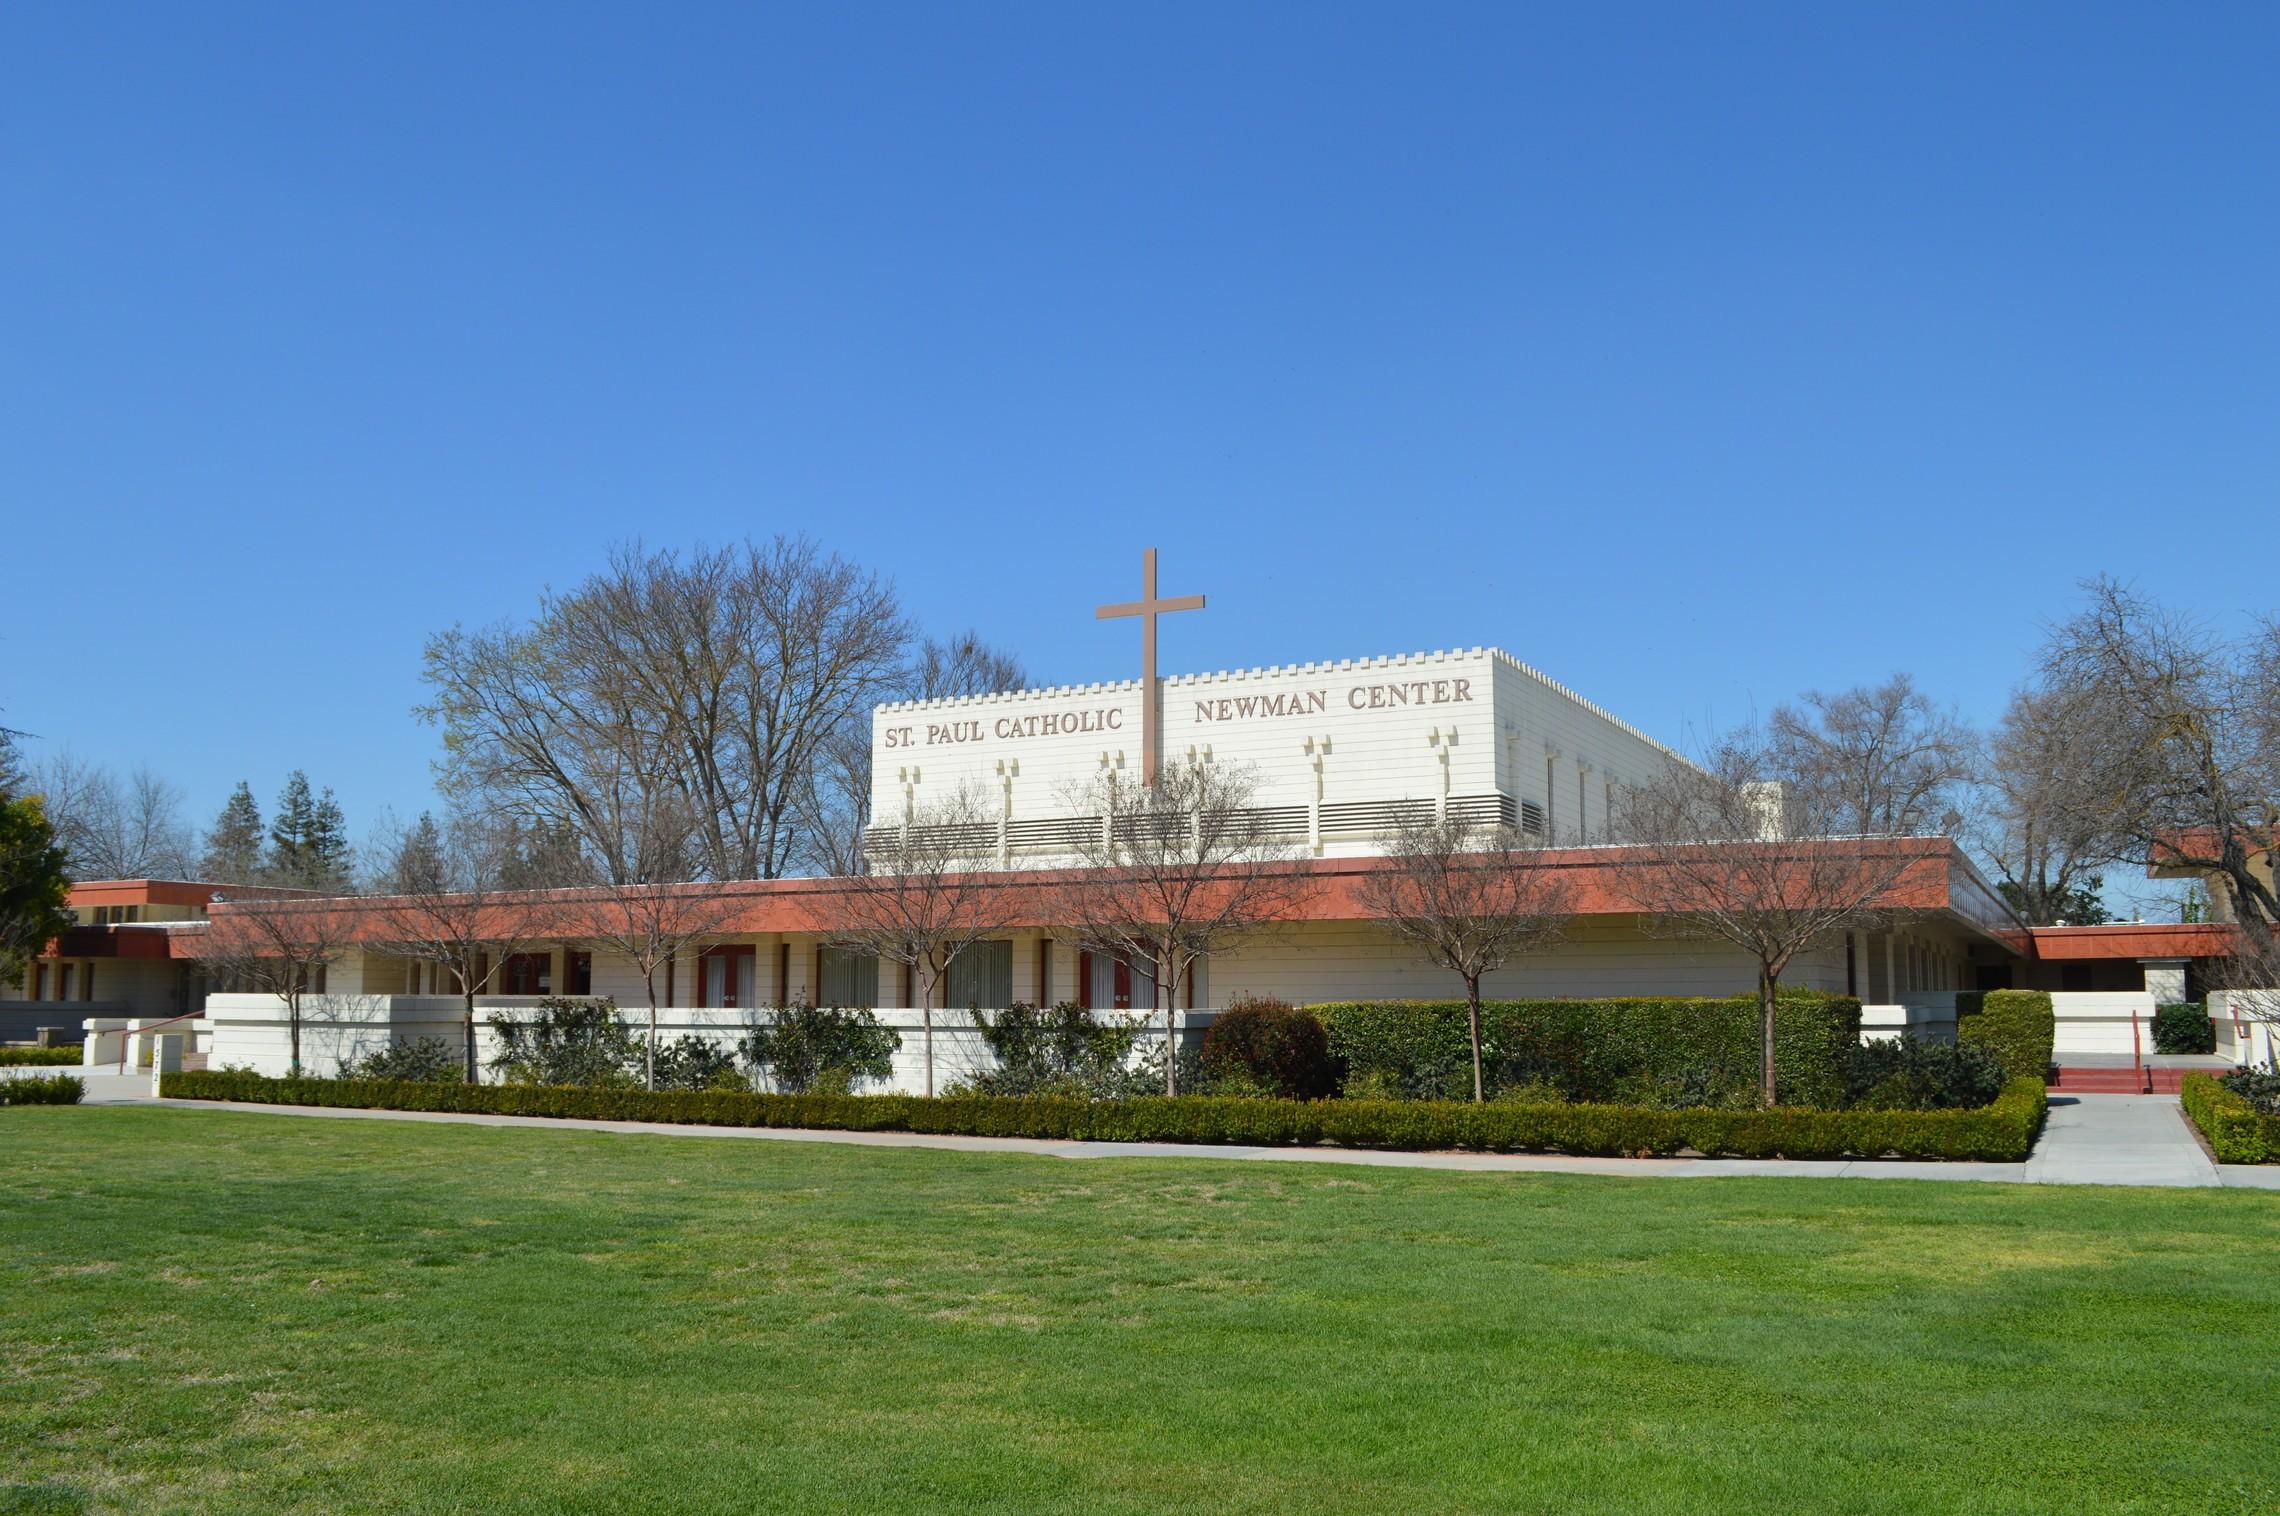 Newman Center